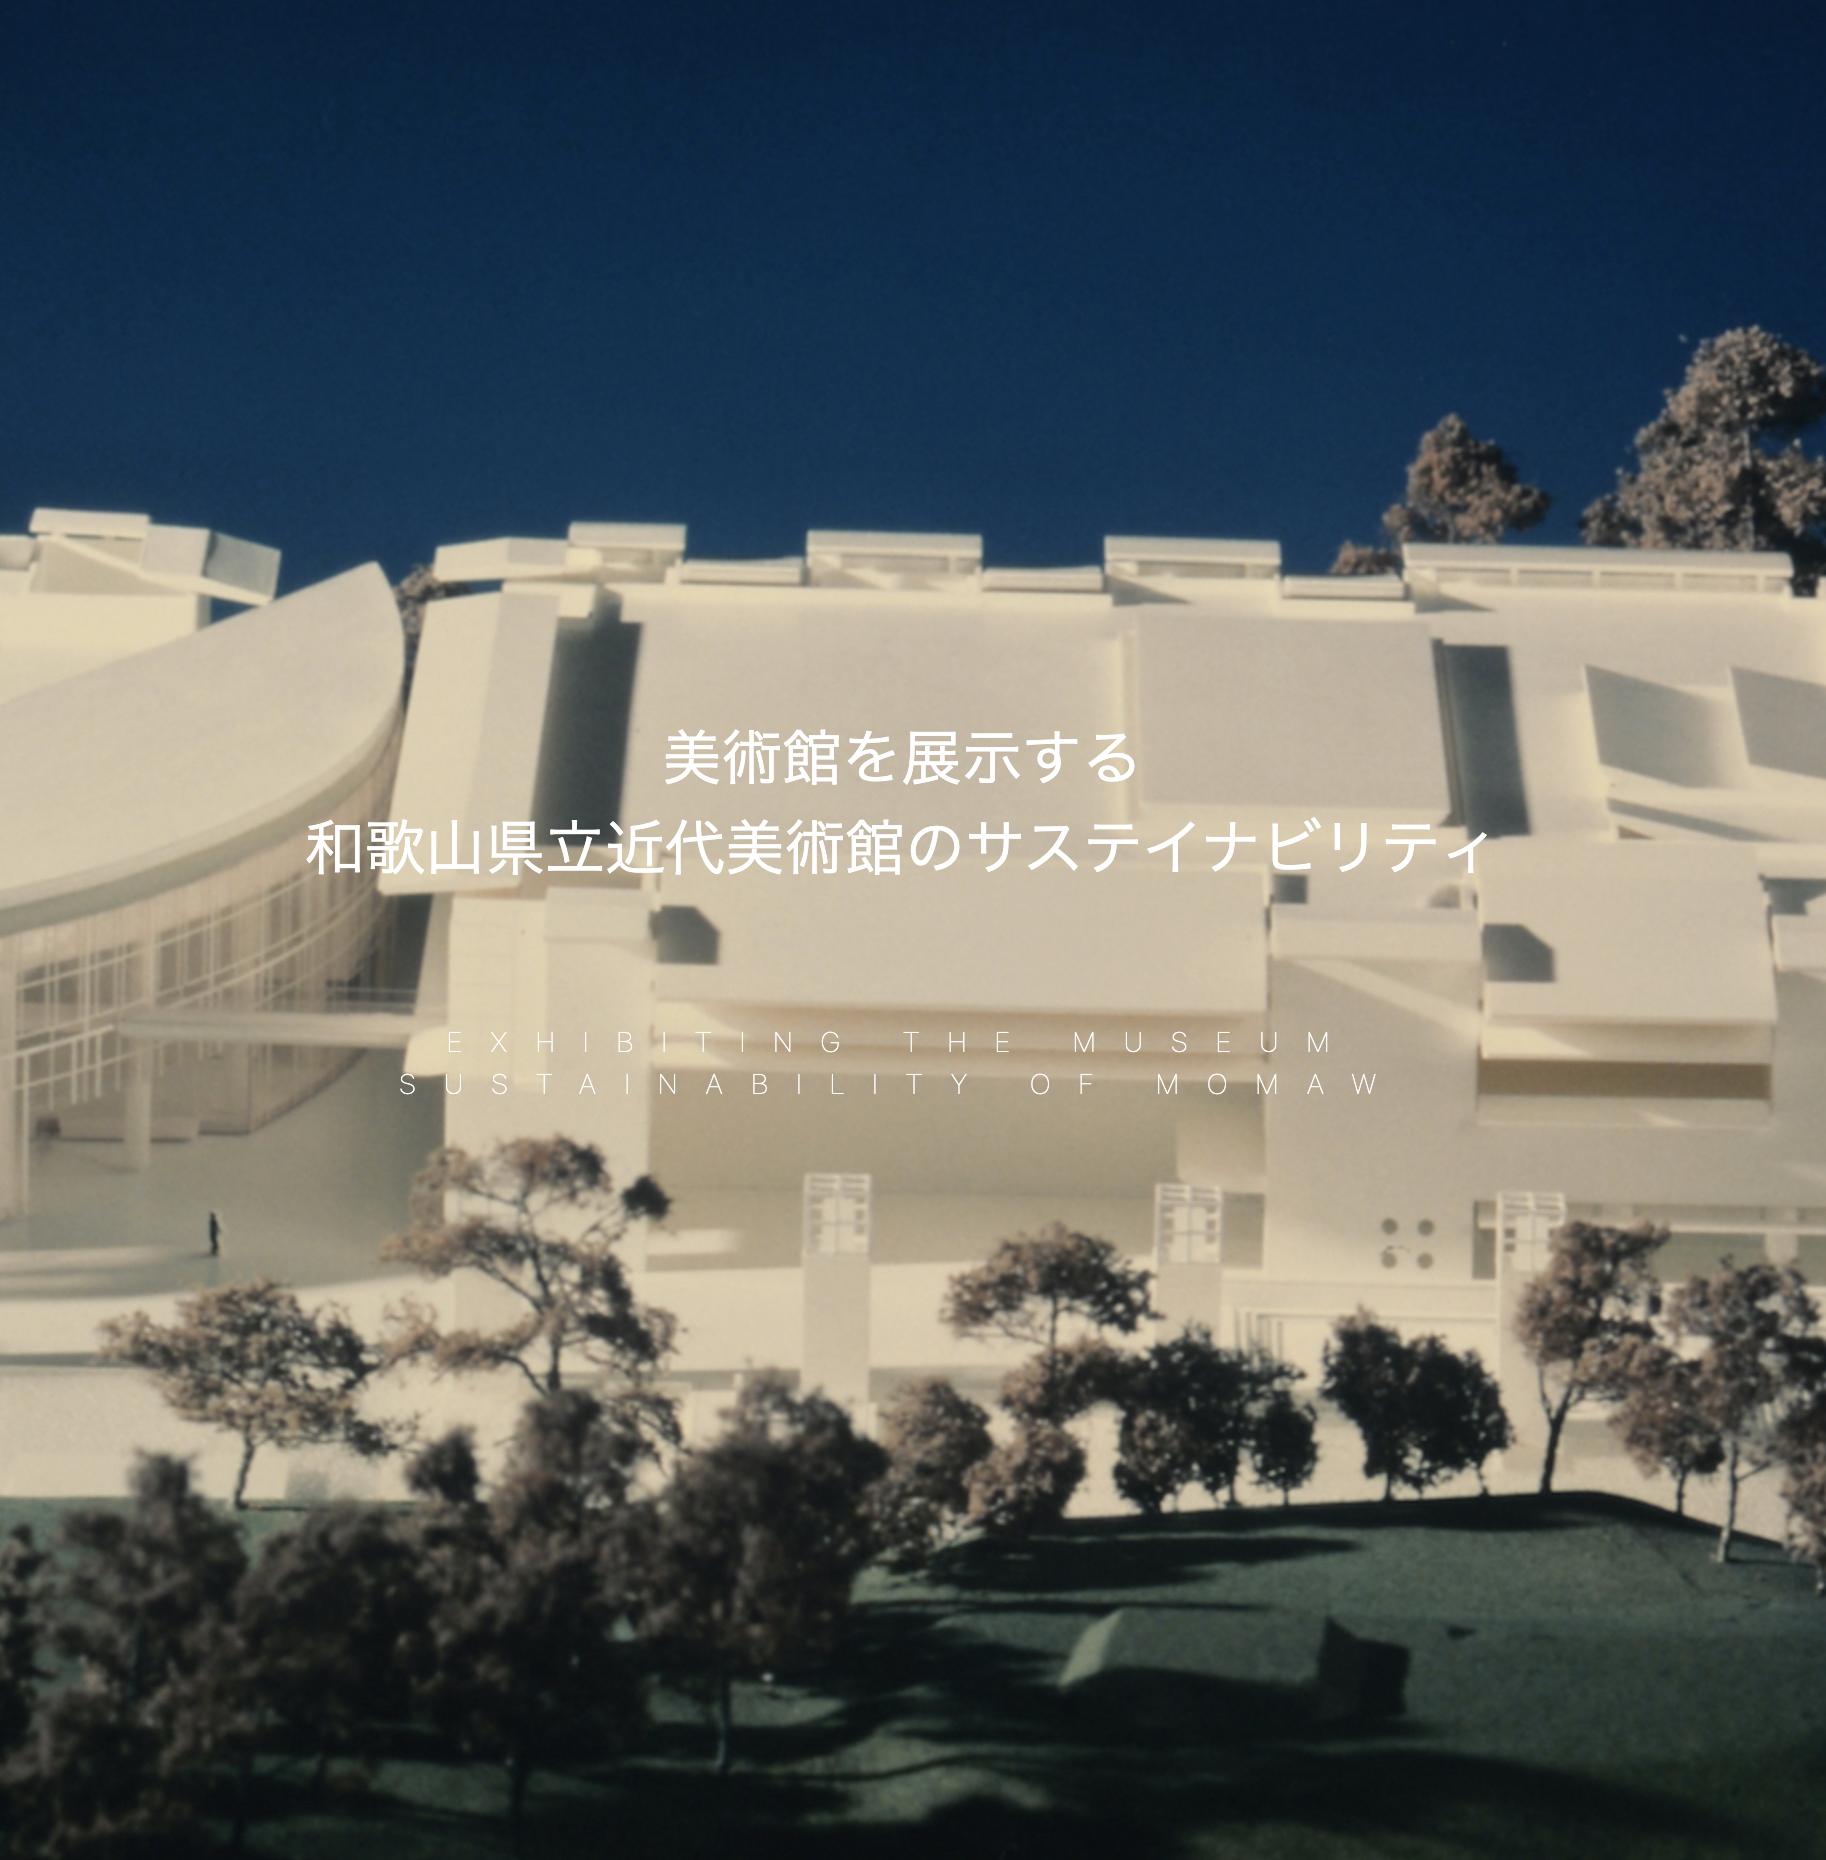 「美術館を展示する 和歌山県立近代美術館のサステイナビリティ」展 記録ウェブサイト